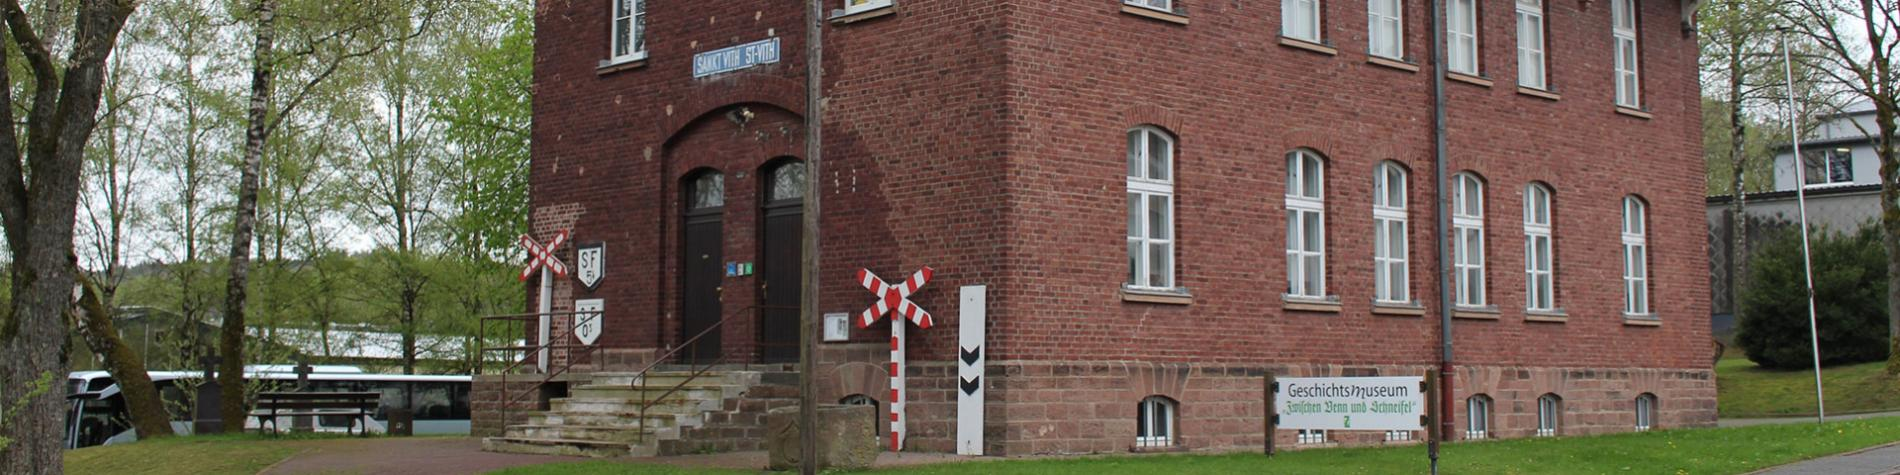 Geschichtsmuseum - Heimatmuseum